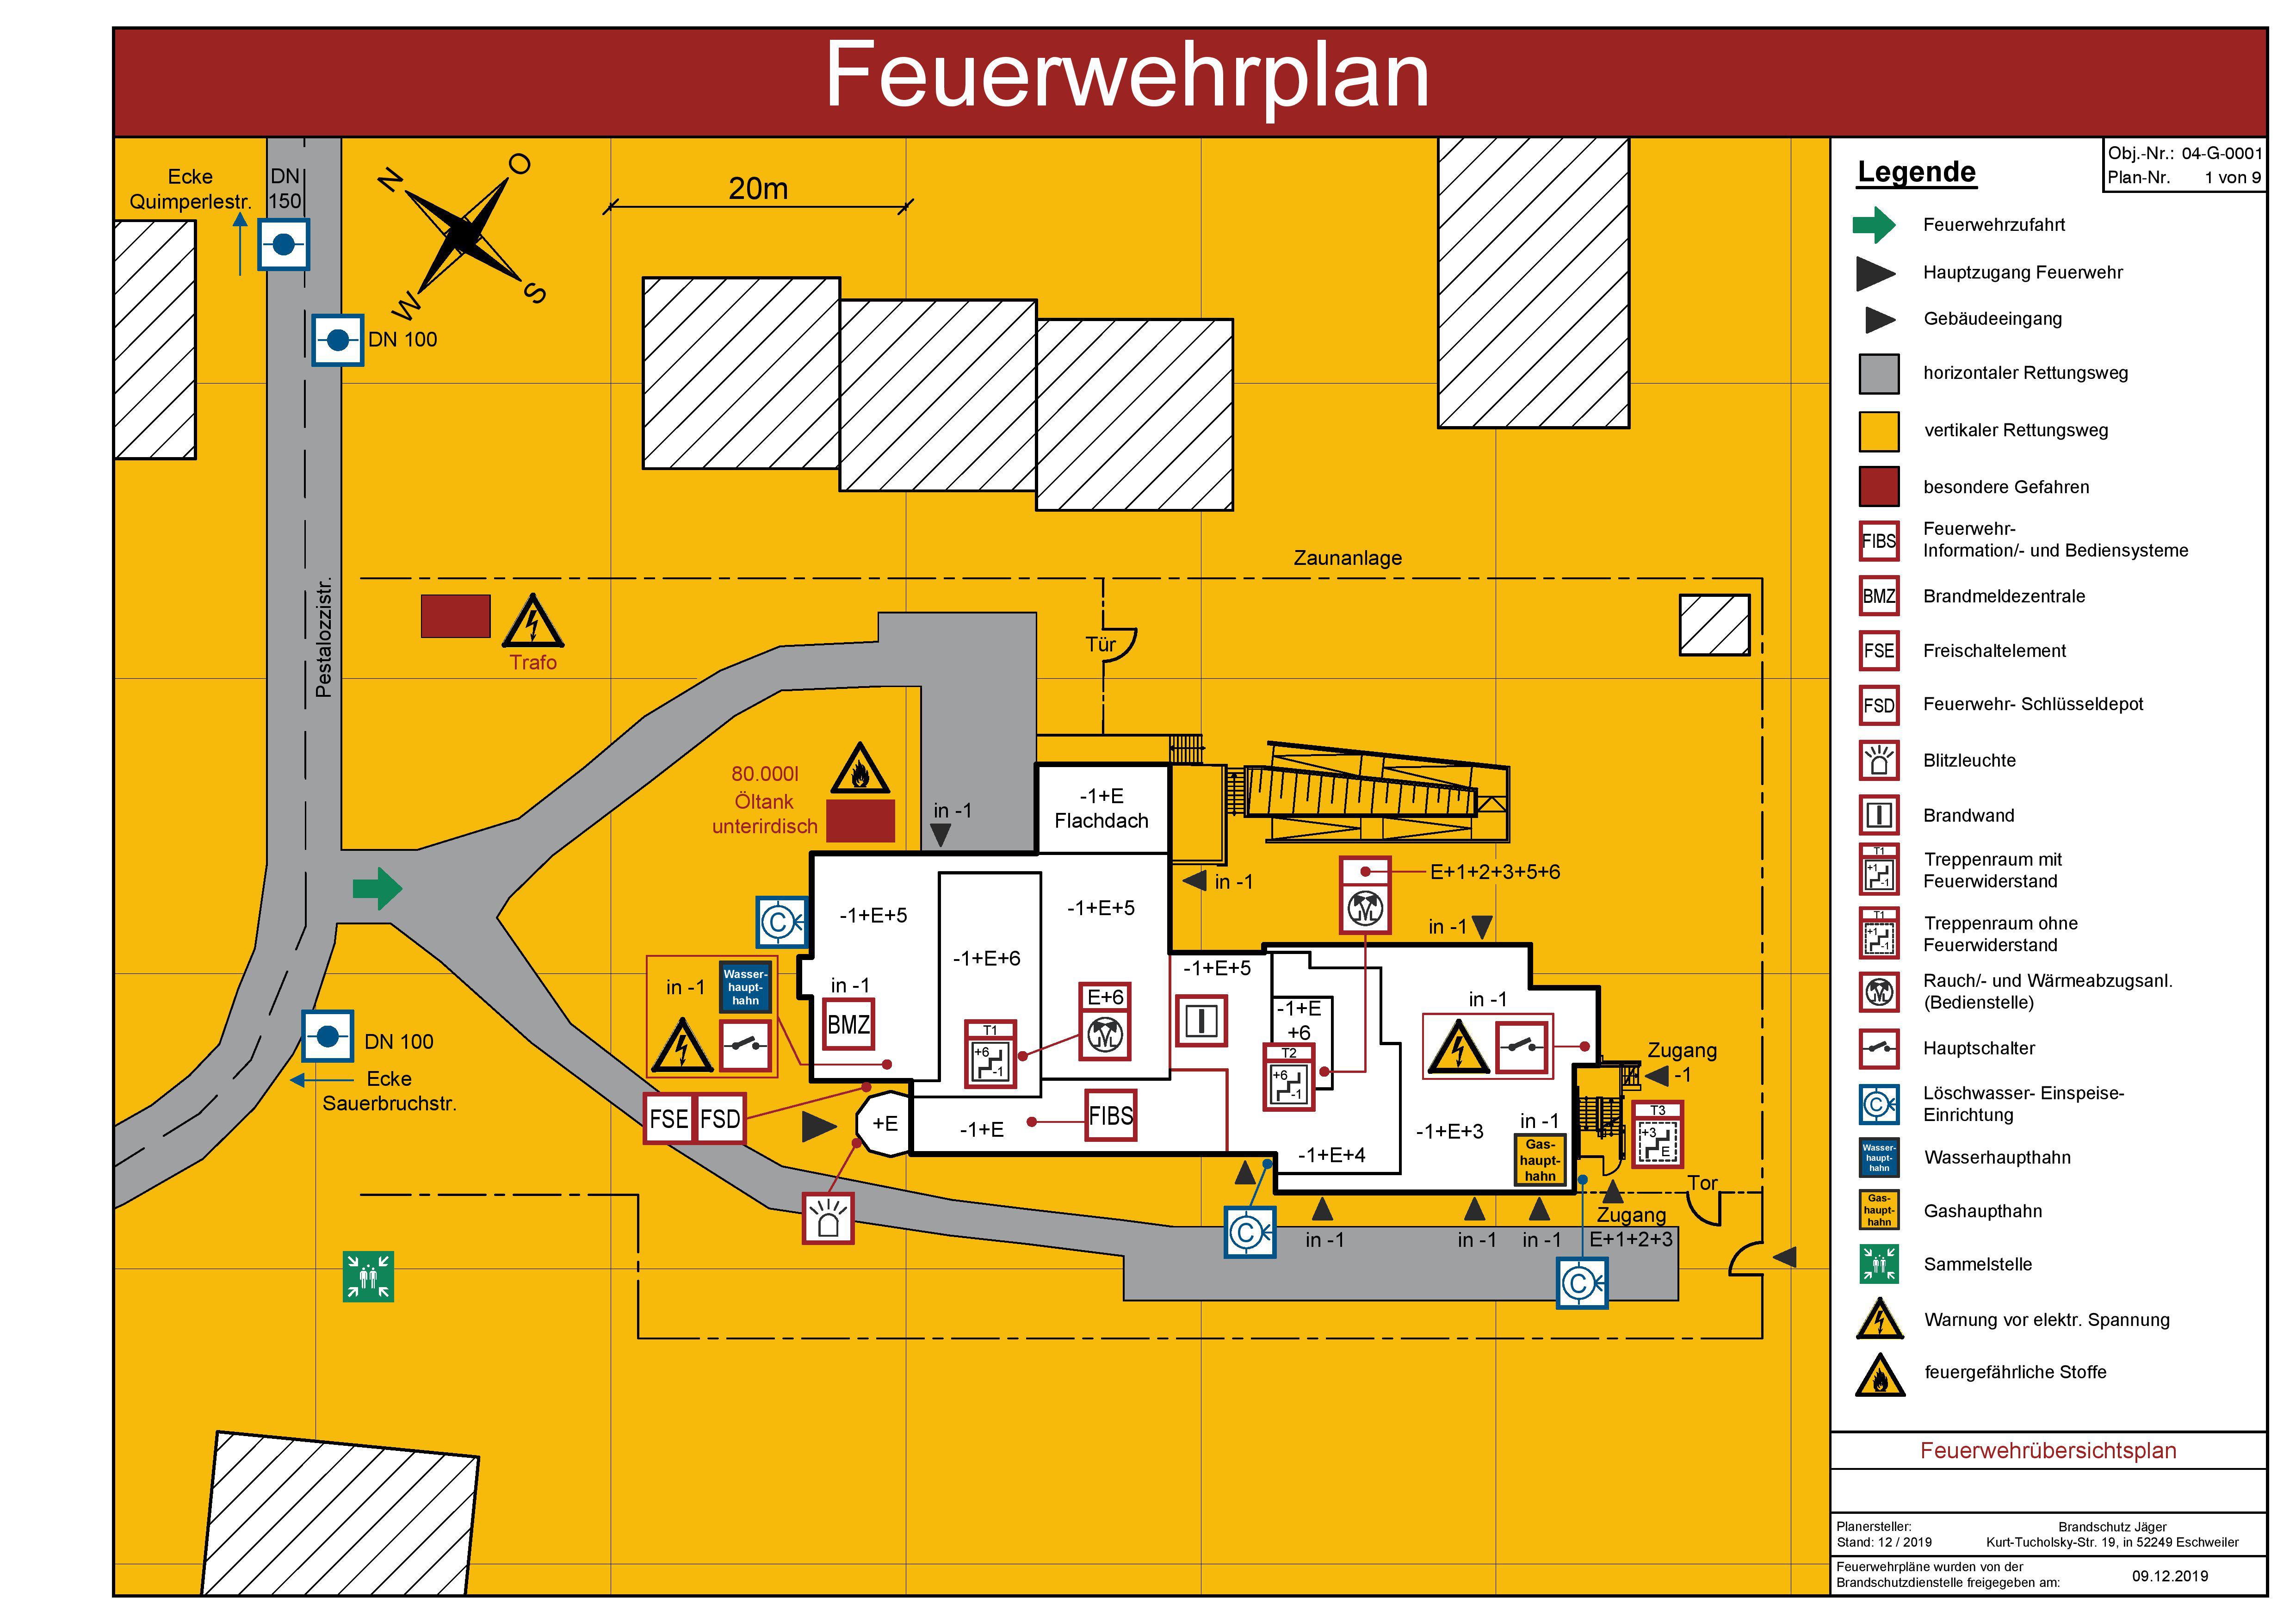 Feuerwehrplan Sicherheitstechnik Glossar Baunetz Wissen 7